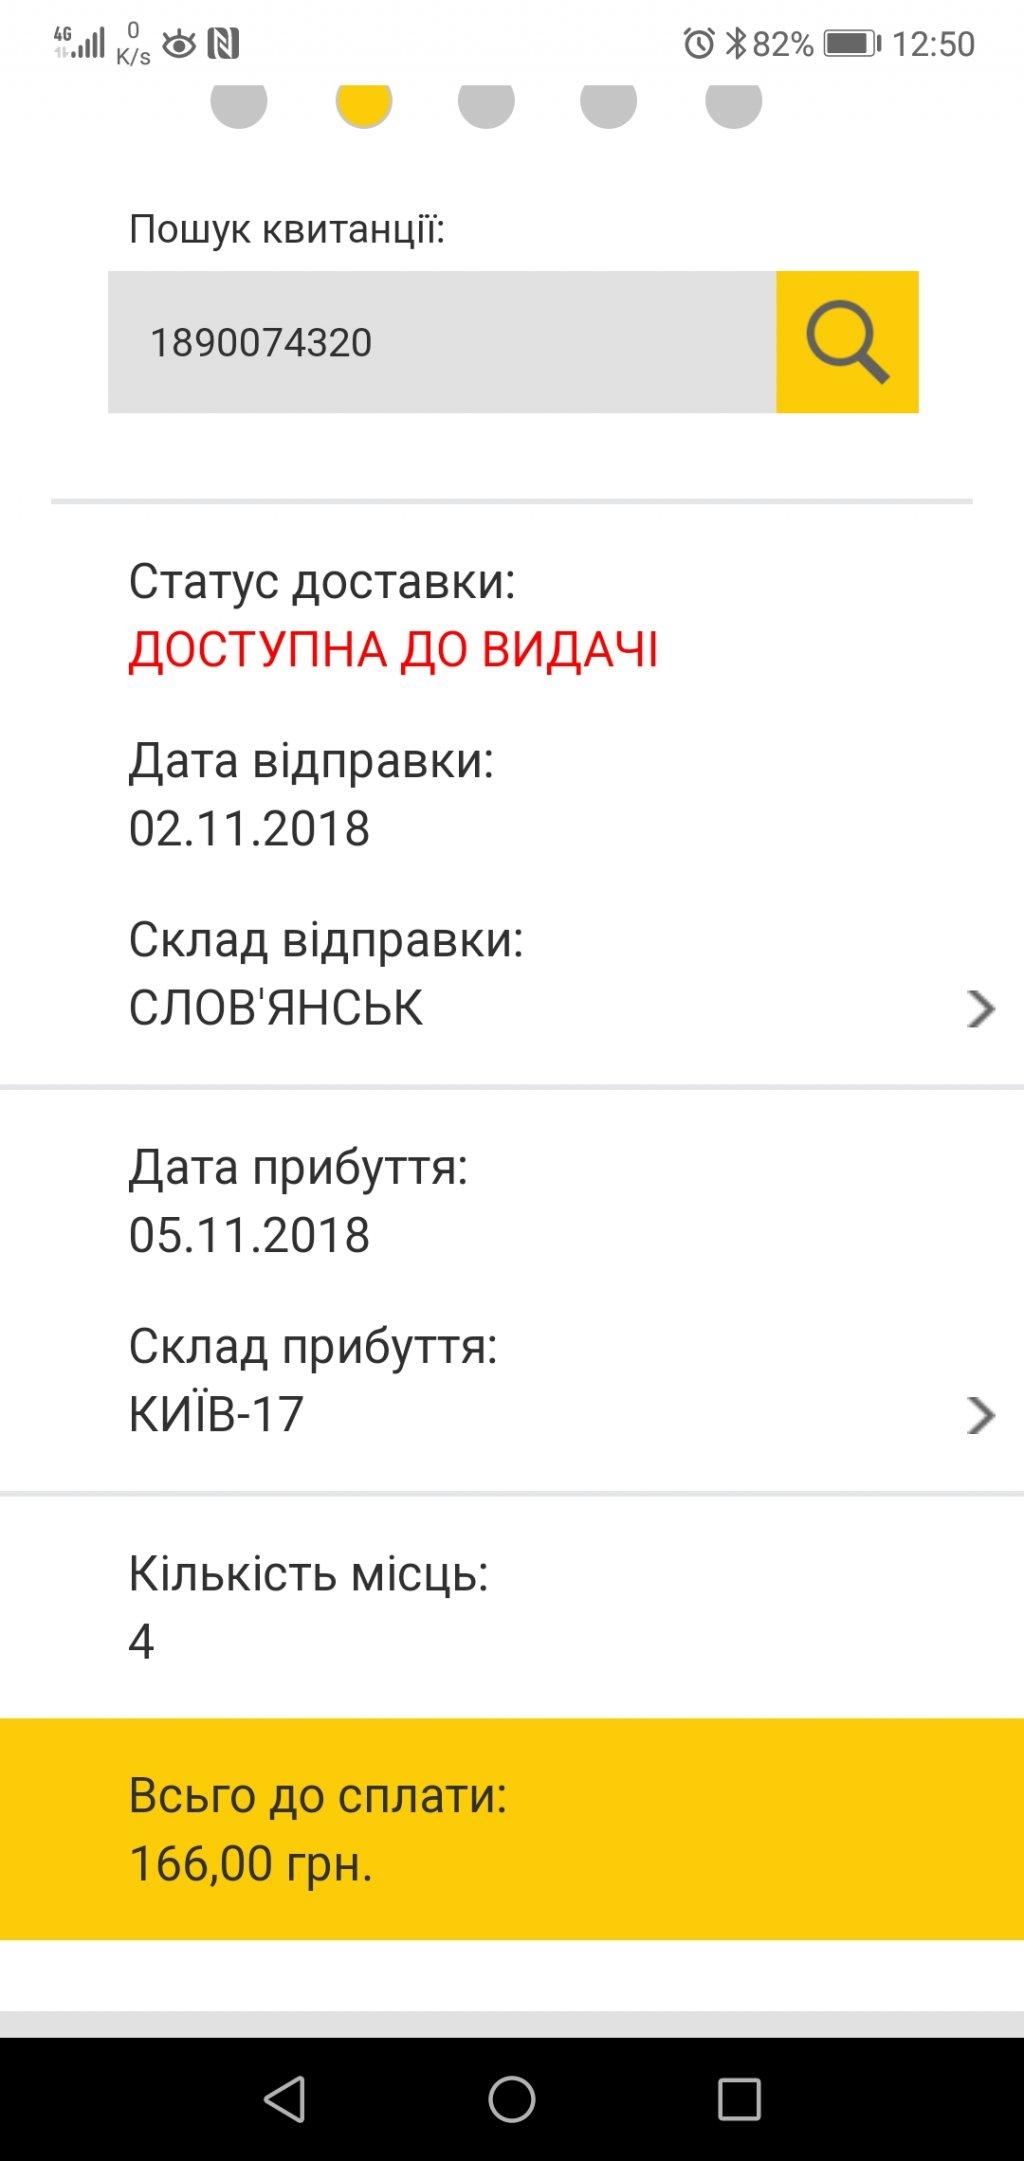 rezina-diski.com.ua интернет-магазин - Заказ с полной предоплатой